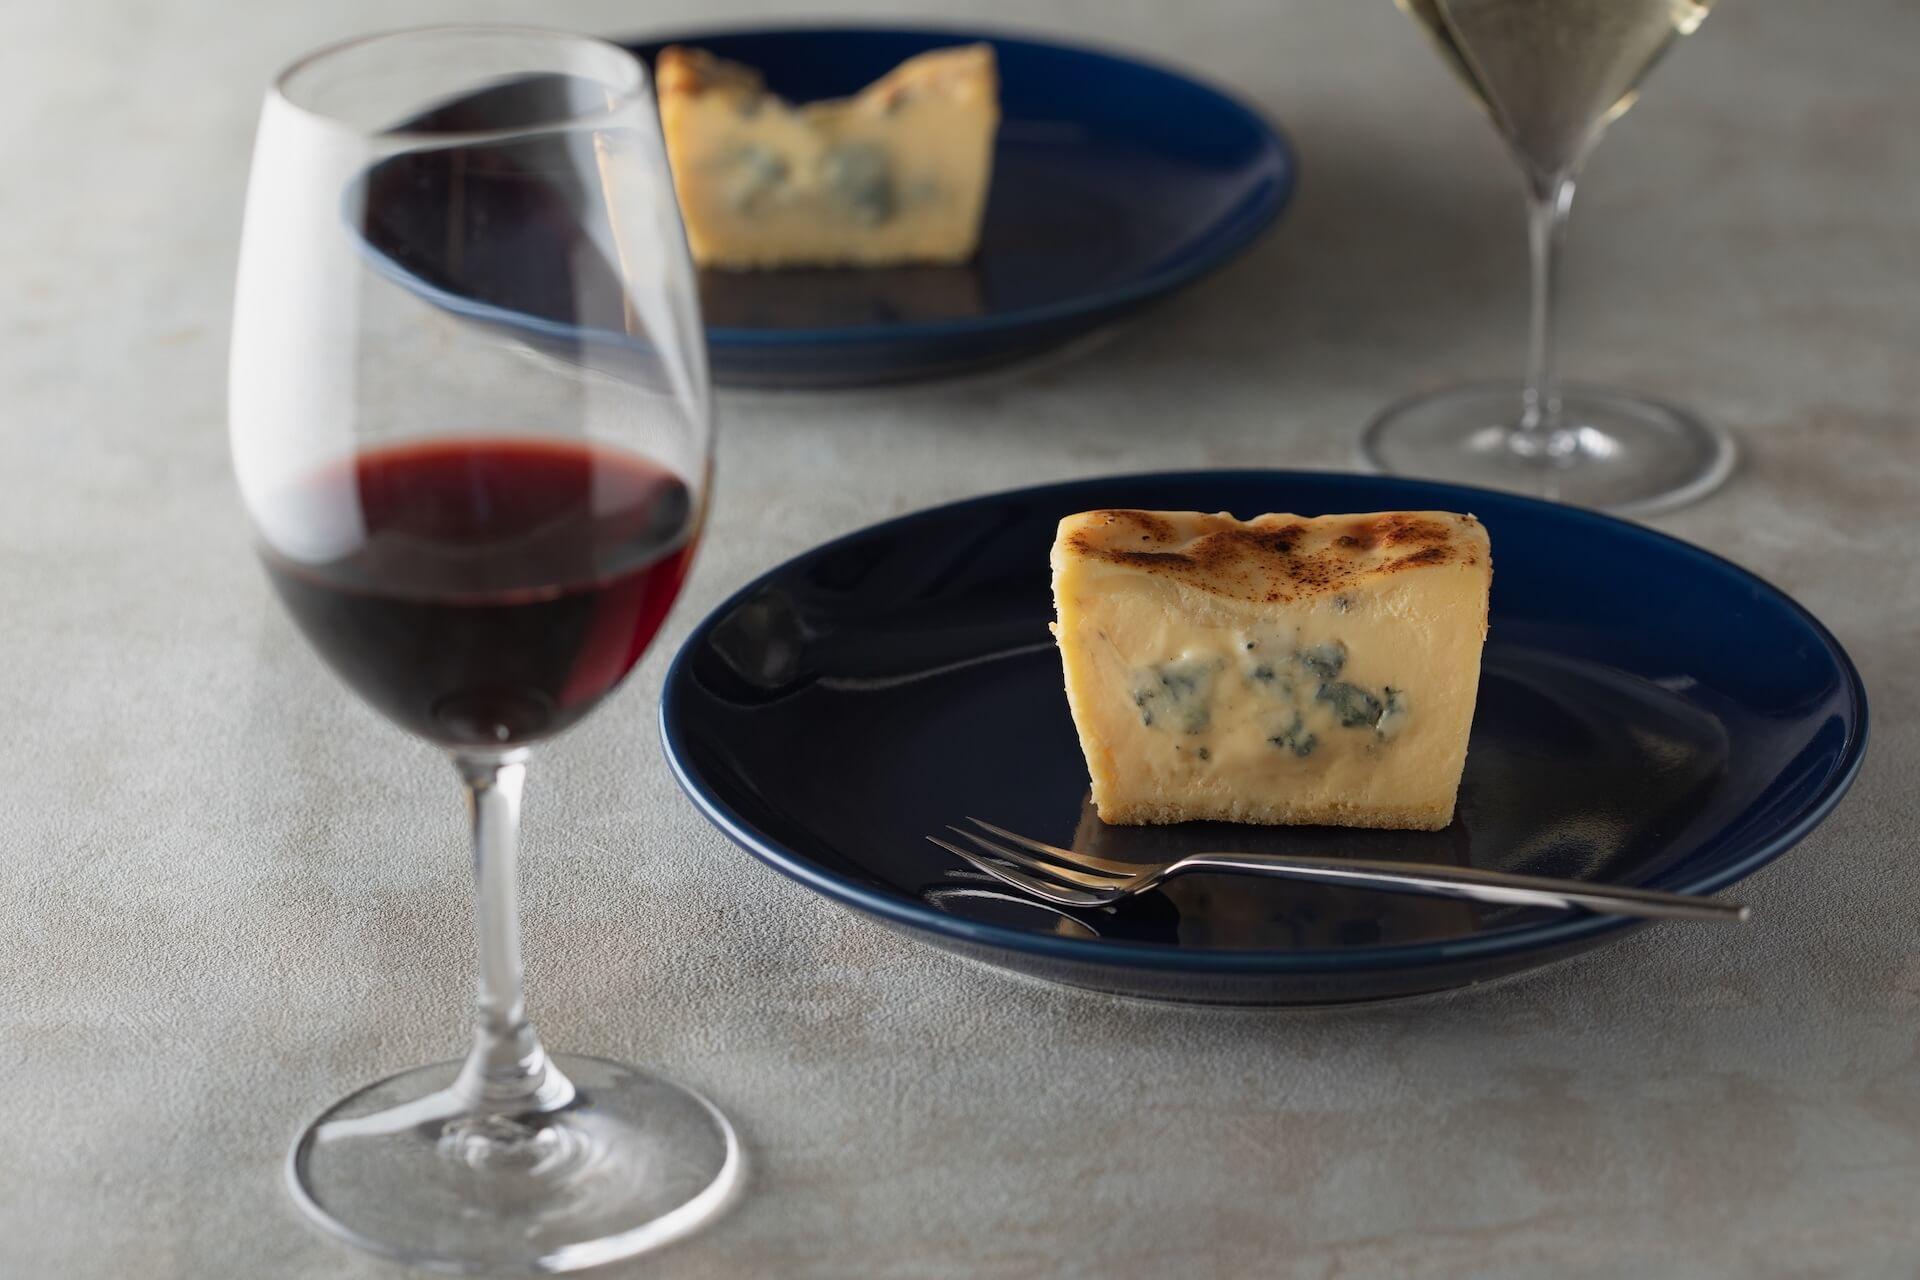 連日30分で完売の生ブルーチーズケーキ青が期間限定でルミネエスト新宿にオープン!芳香な香りのとろける生食感 gourmet200804_bluecheesecake_05